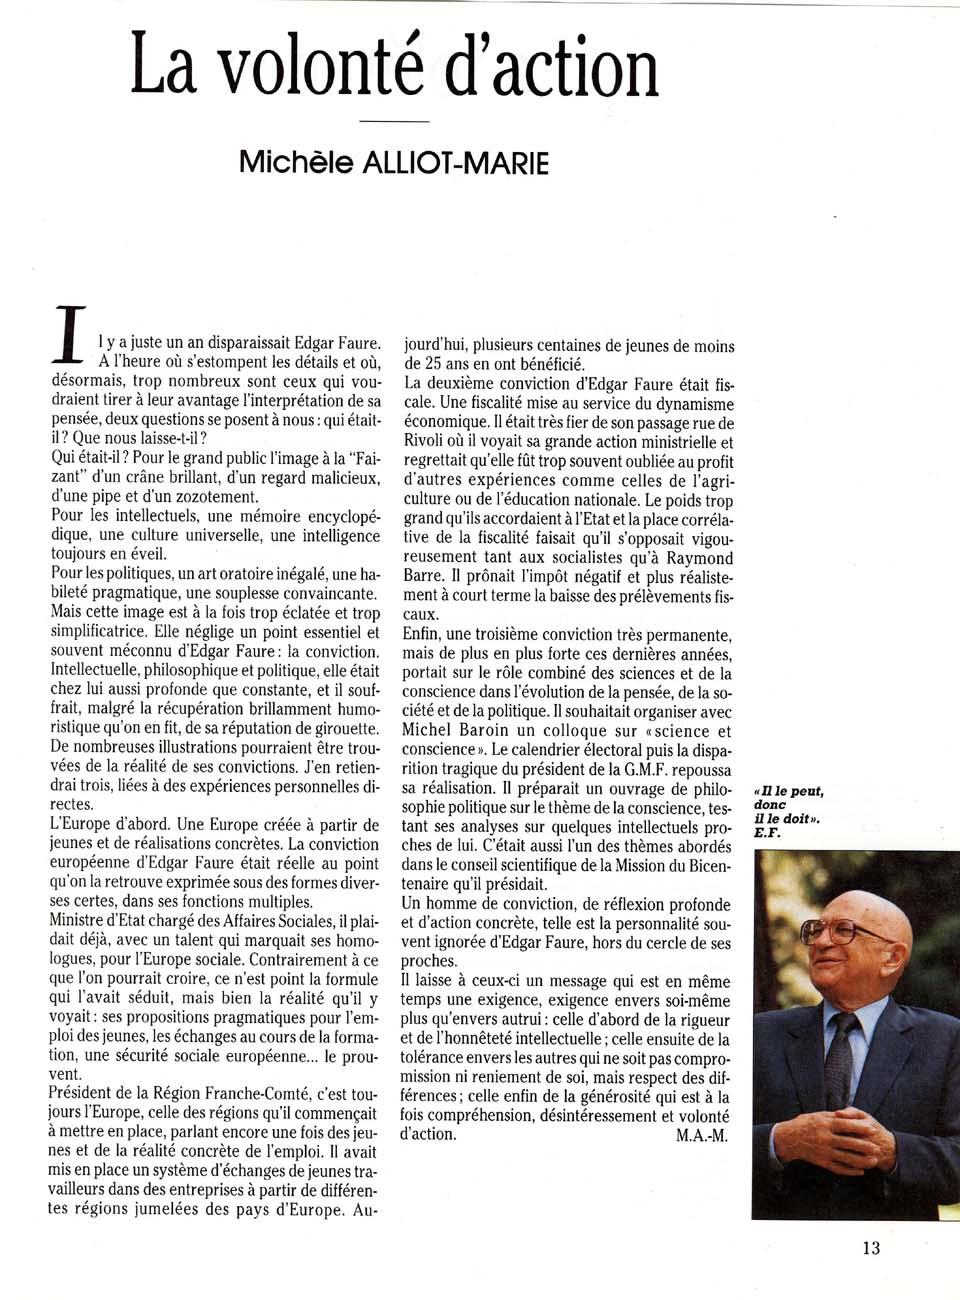 La volonté d'action (Michèle Alliot Marie)